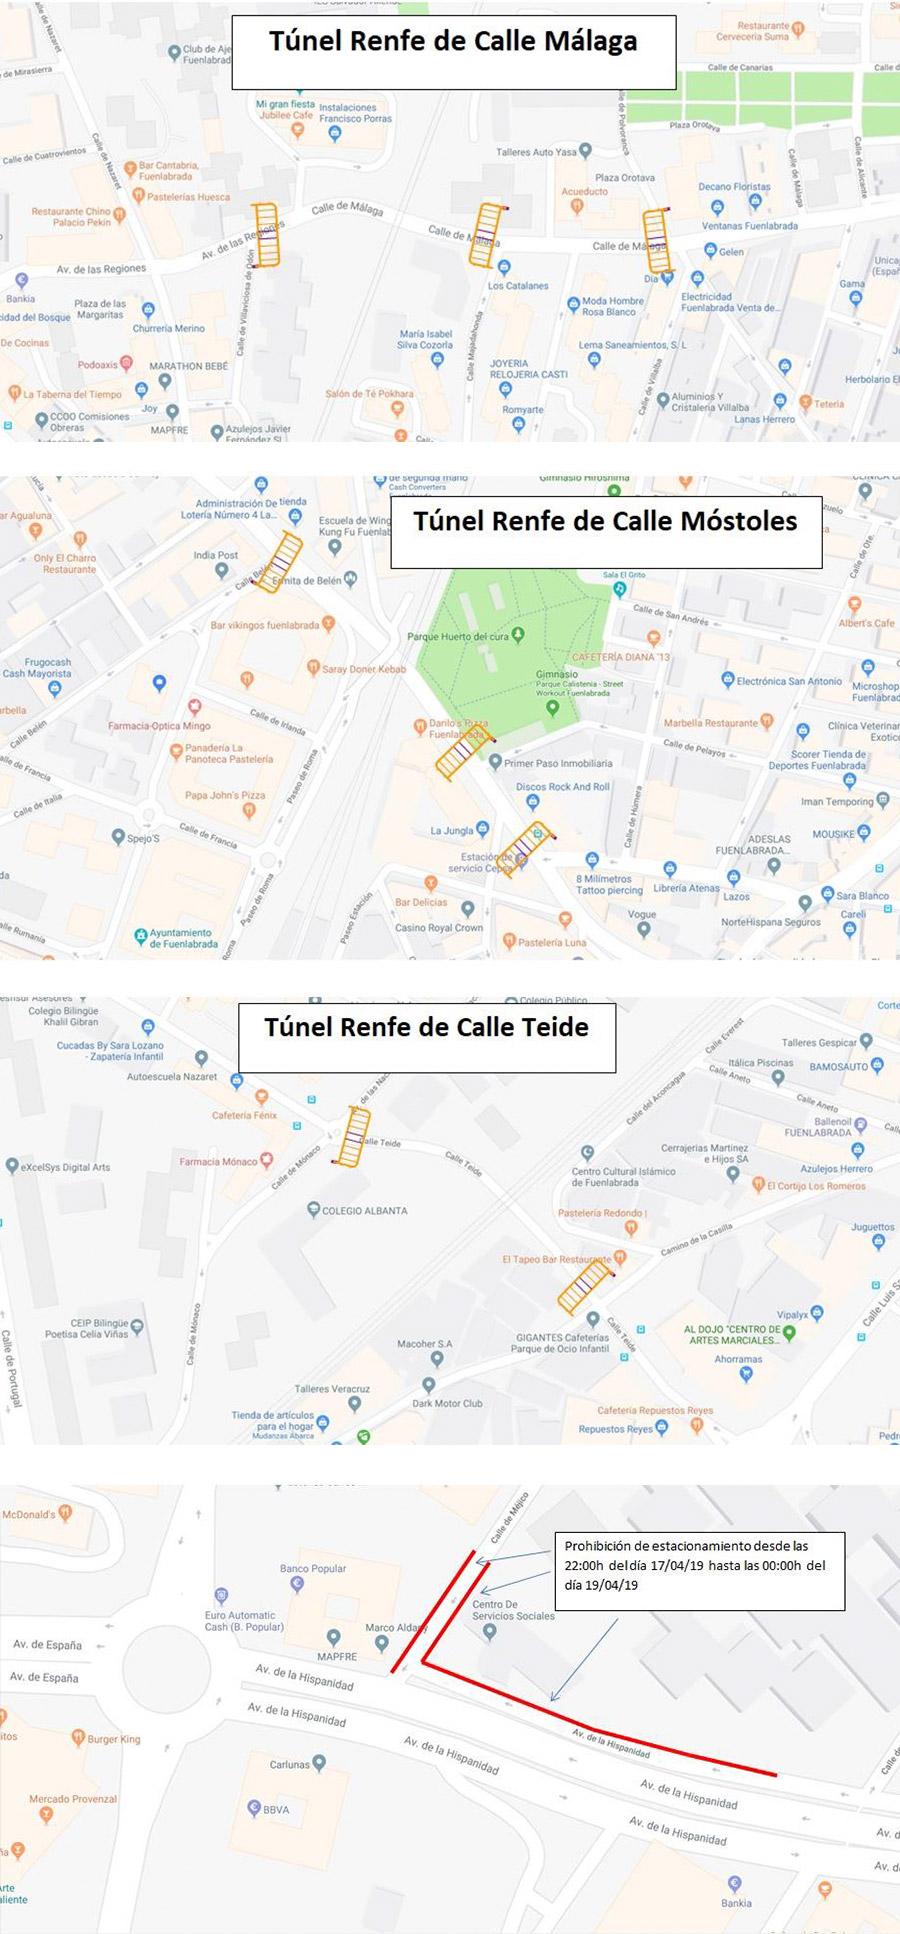 Restricciones de tráfico y de aparcamiento ante el riesgo de inundaciones en Fuenlabrada